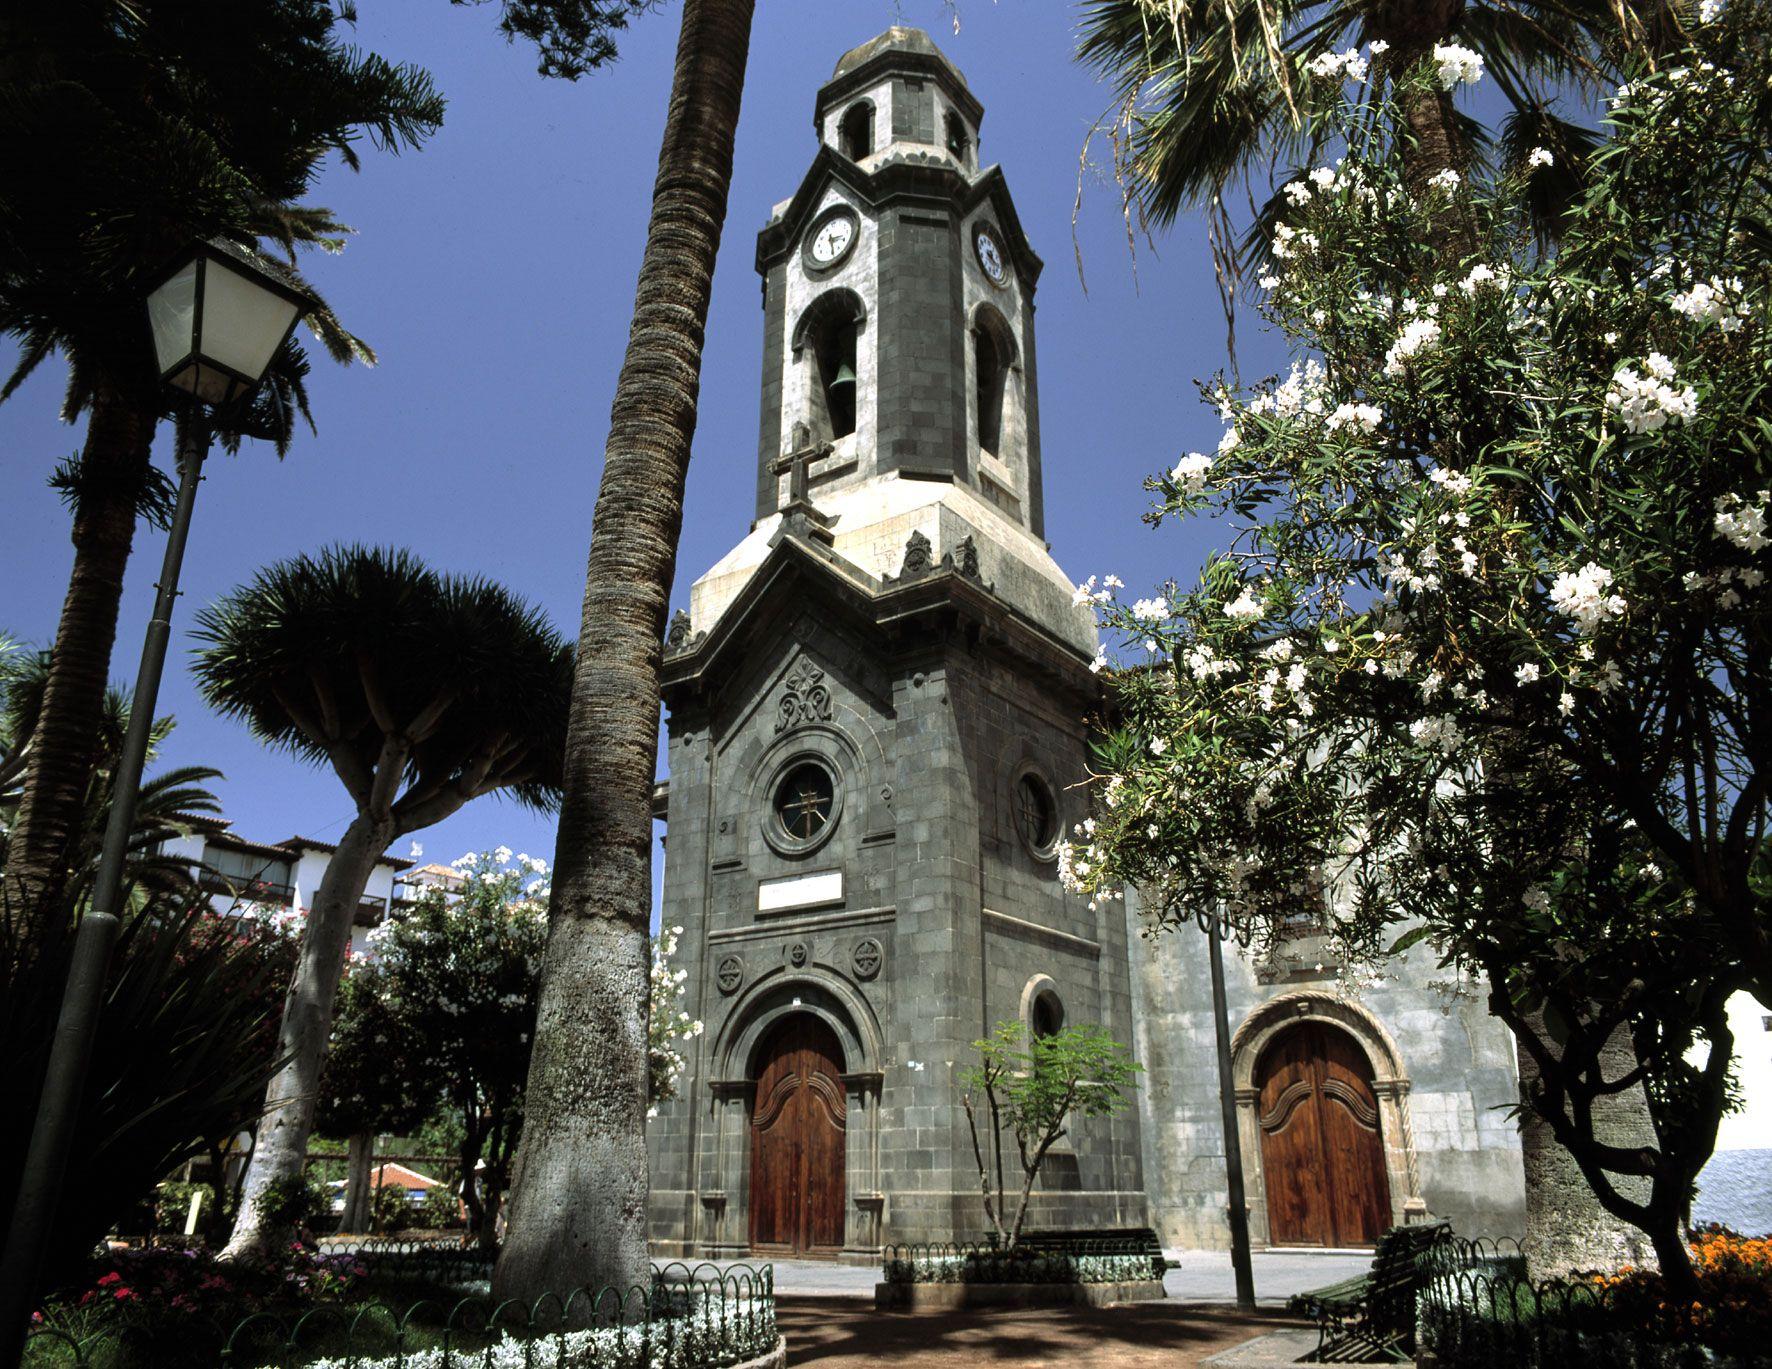 Iglesia-de-Nuestra-Senora-de-la-Pena-Francia-Teneriffa